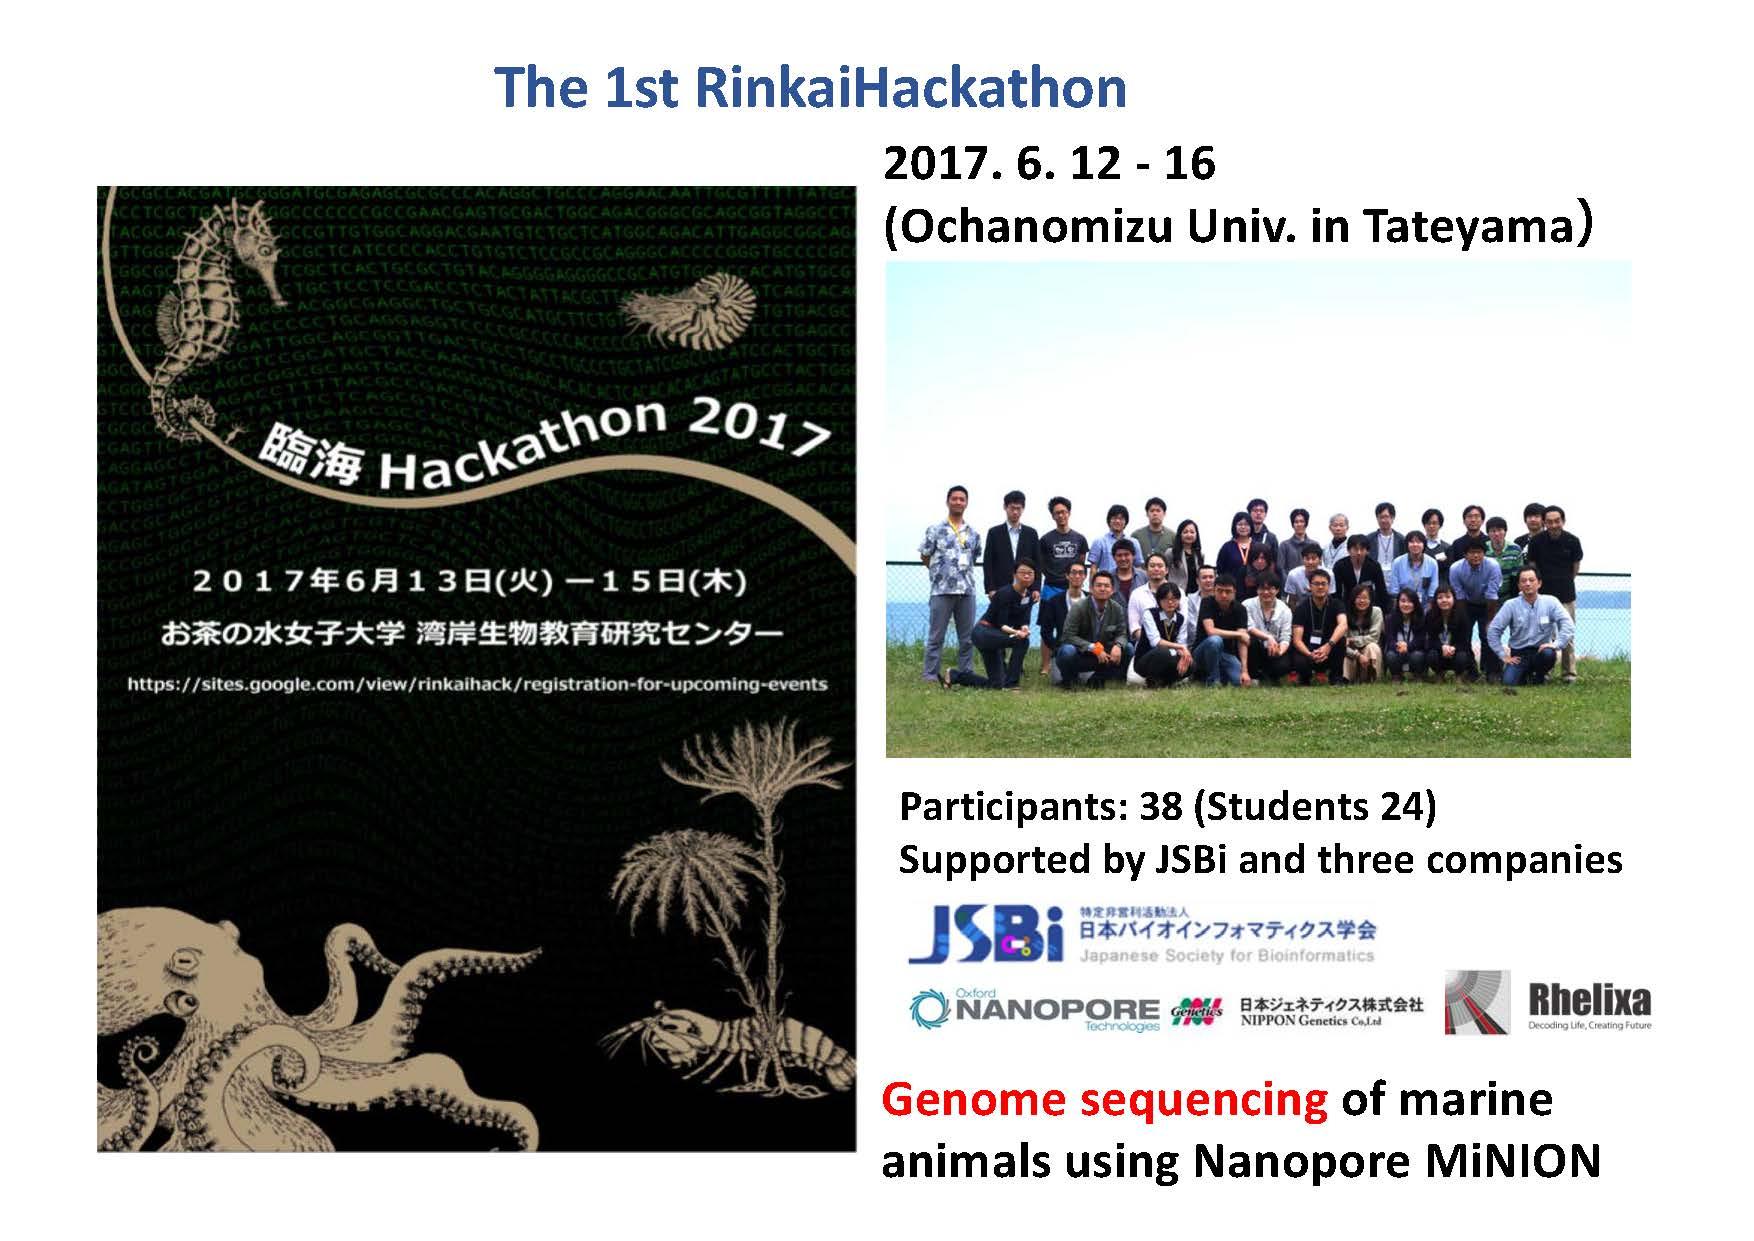 Rinkai Hackathon information page 3